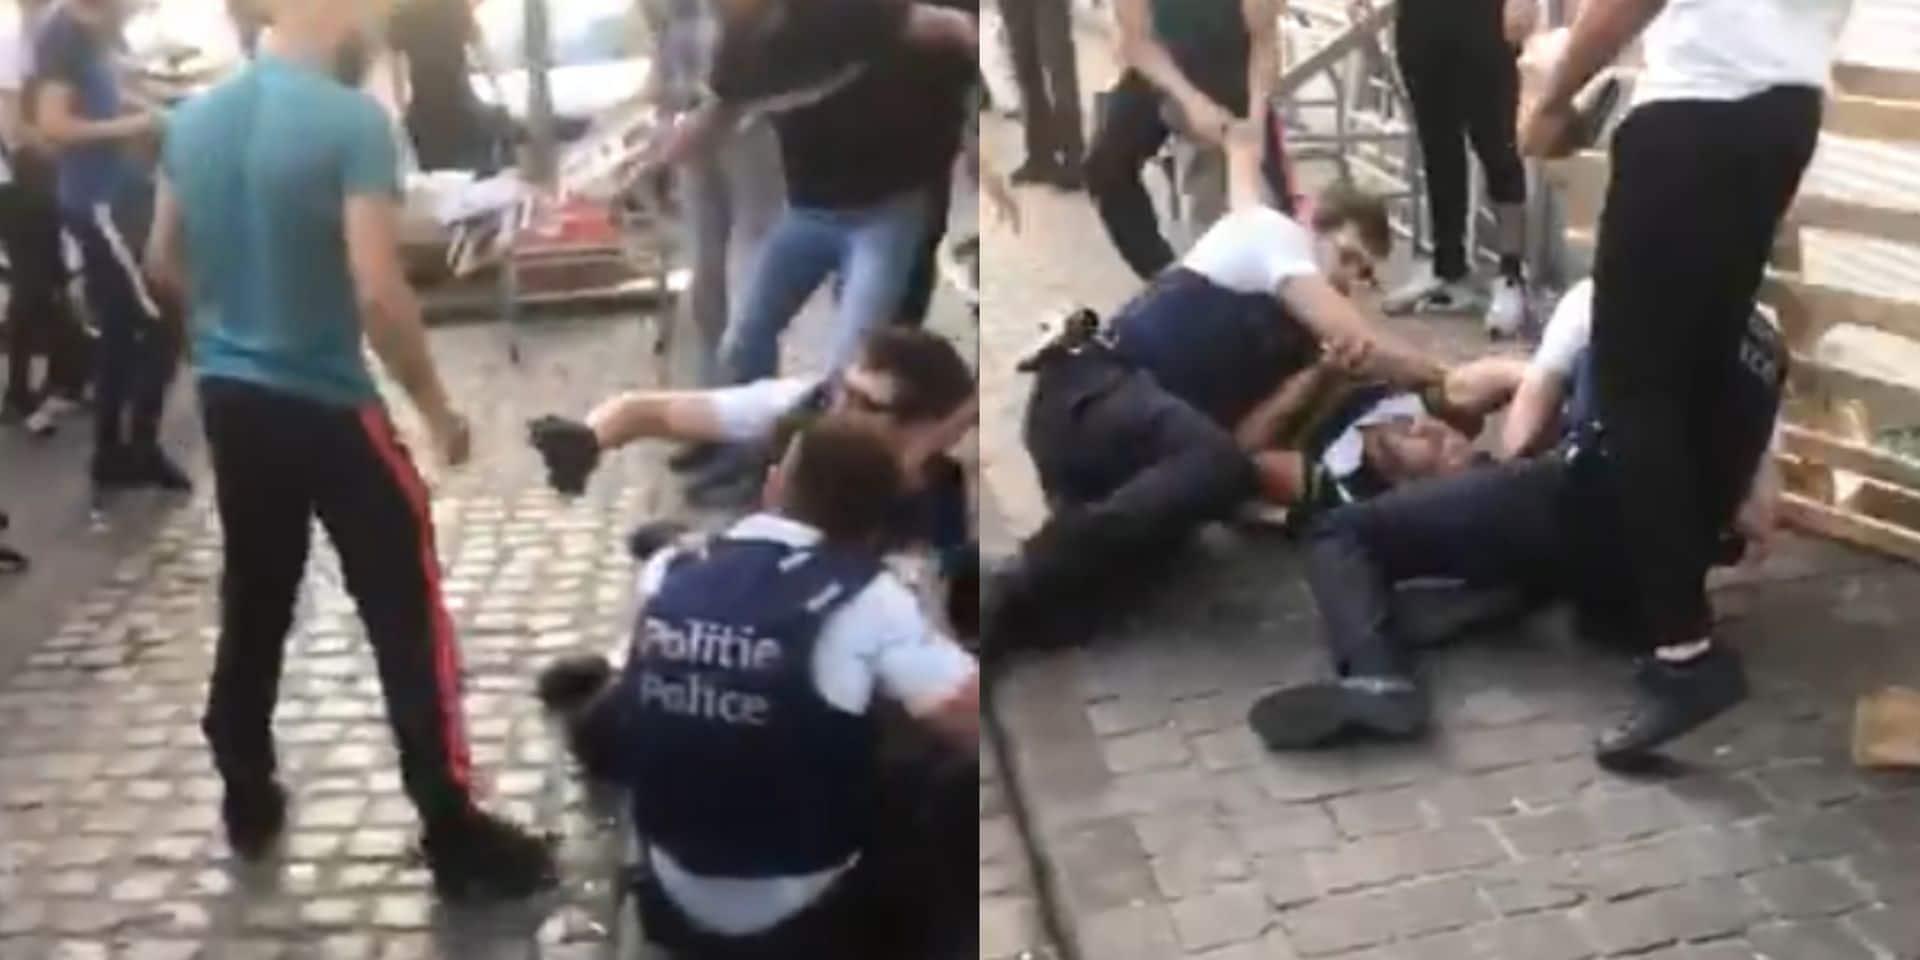 Violences contre des policiers à Anderlecht: un suspect placé sous mandat d'arrêt